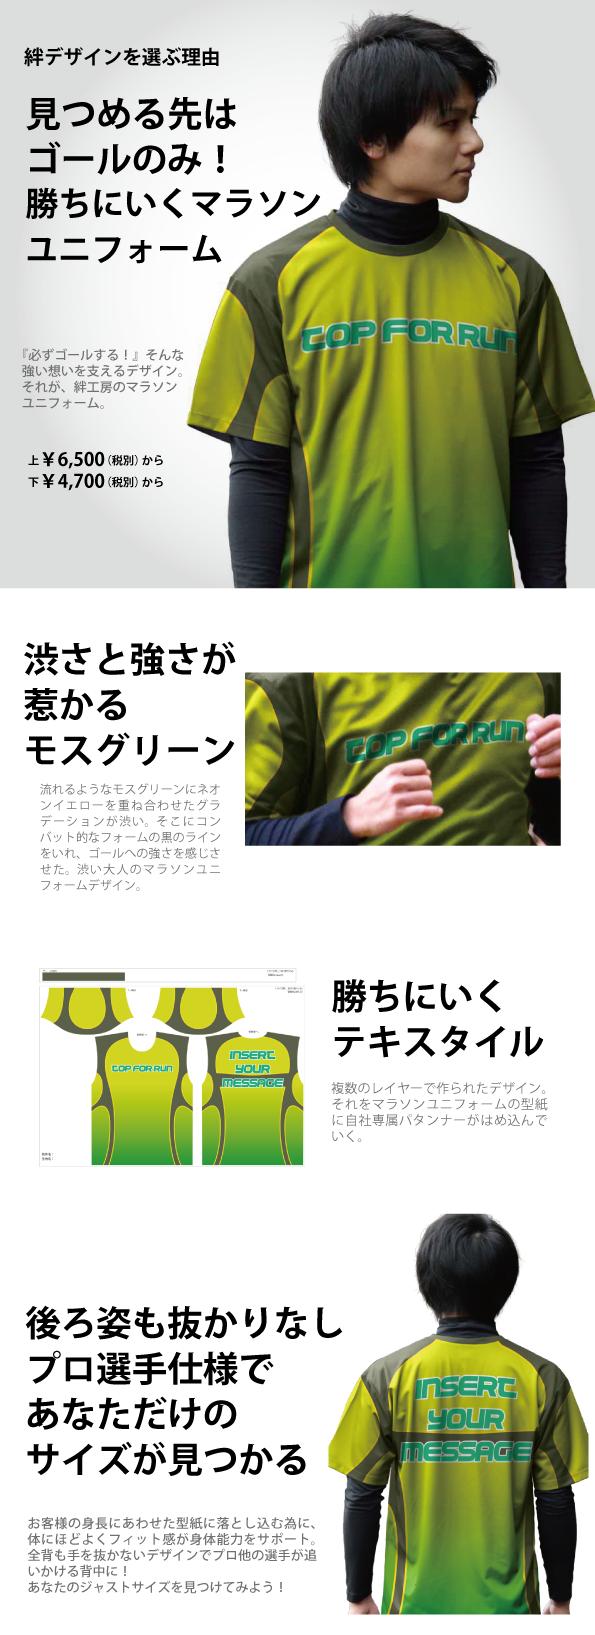 マラソン記事頁河崎2_01.png